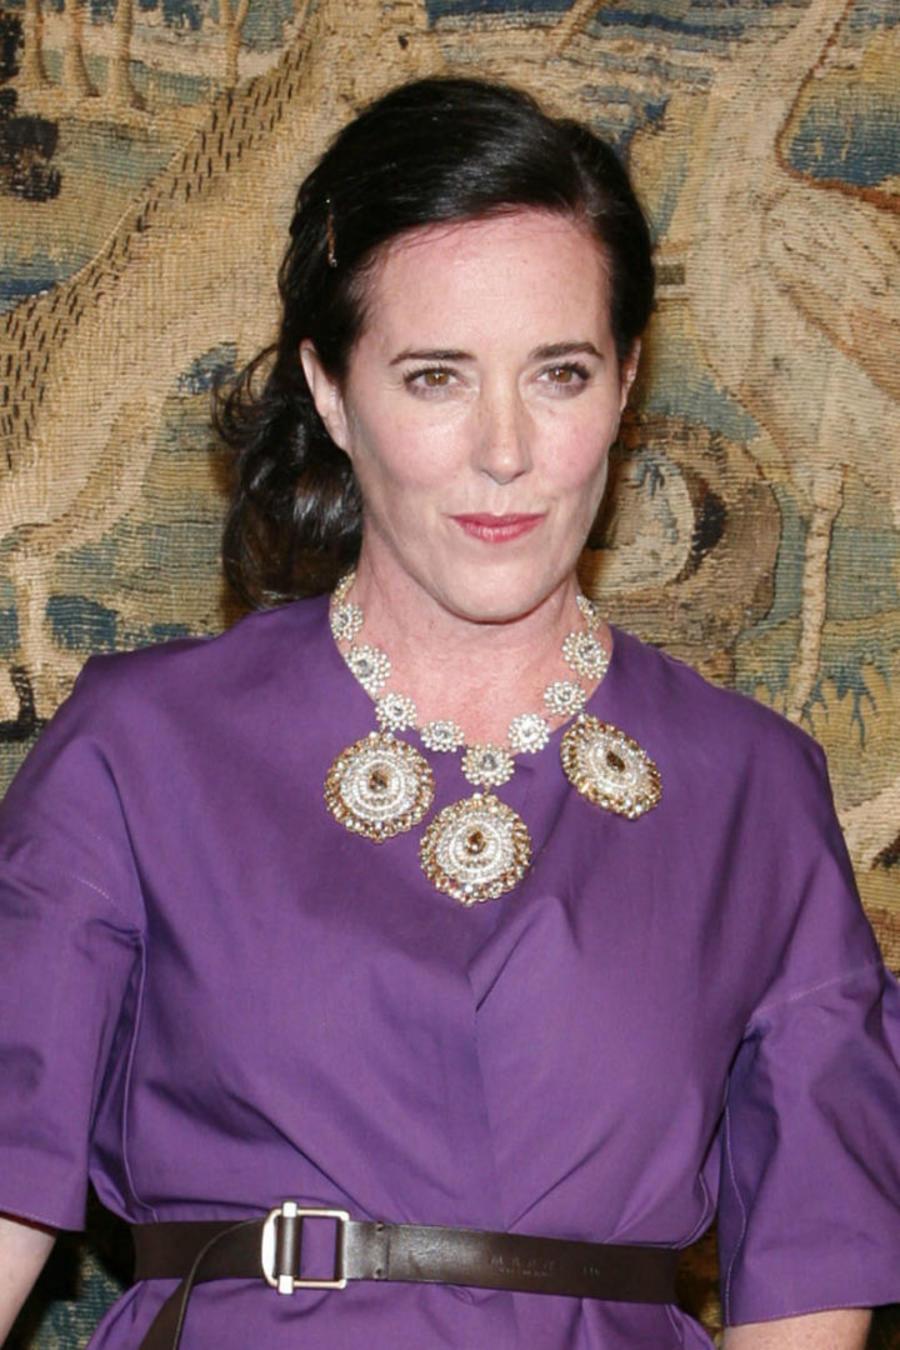 Kate Spade, 2007